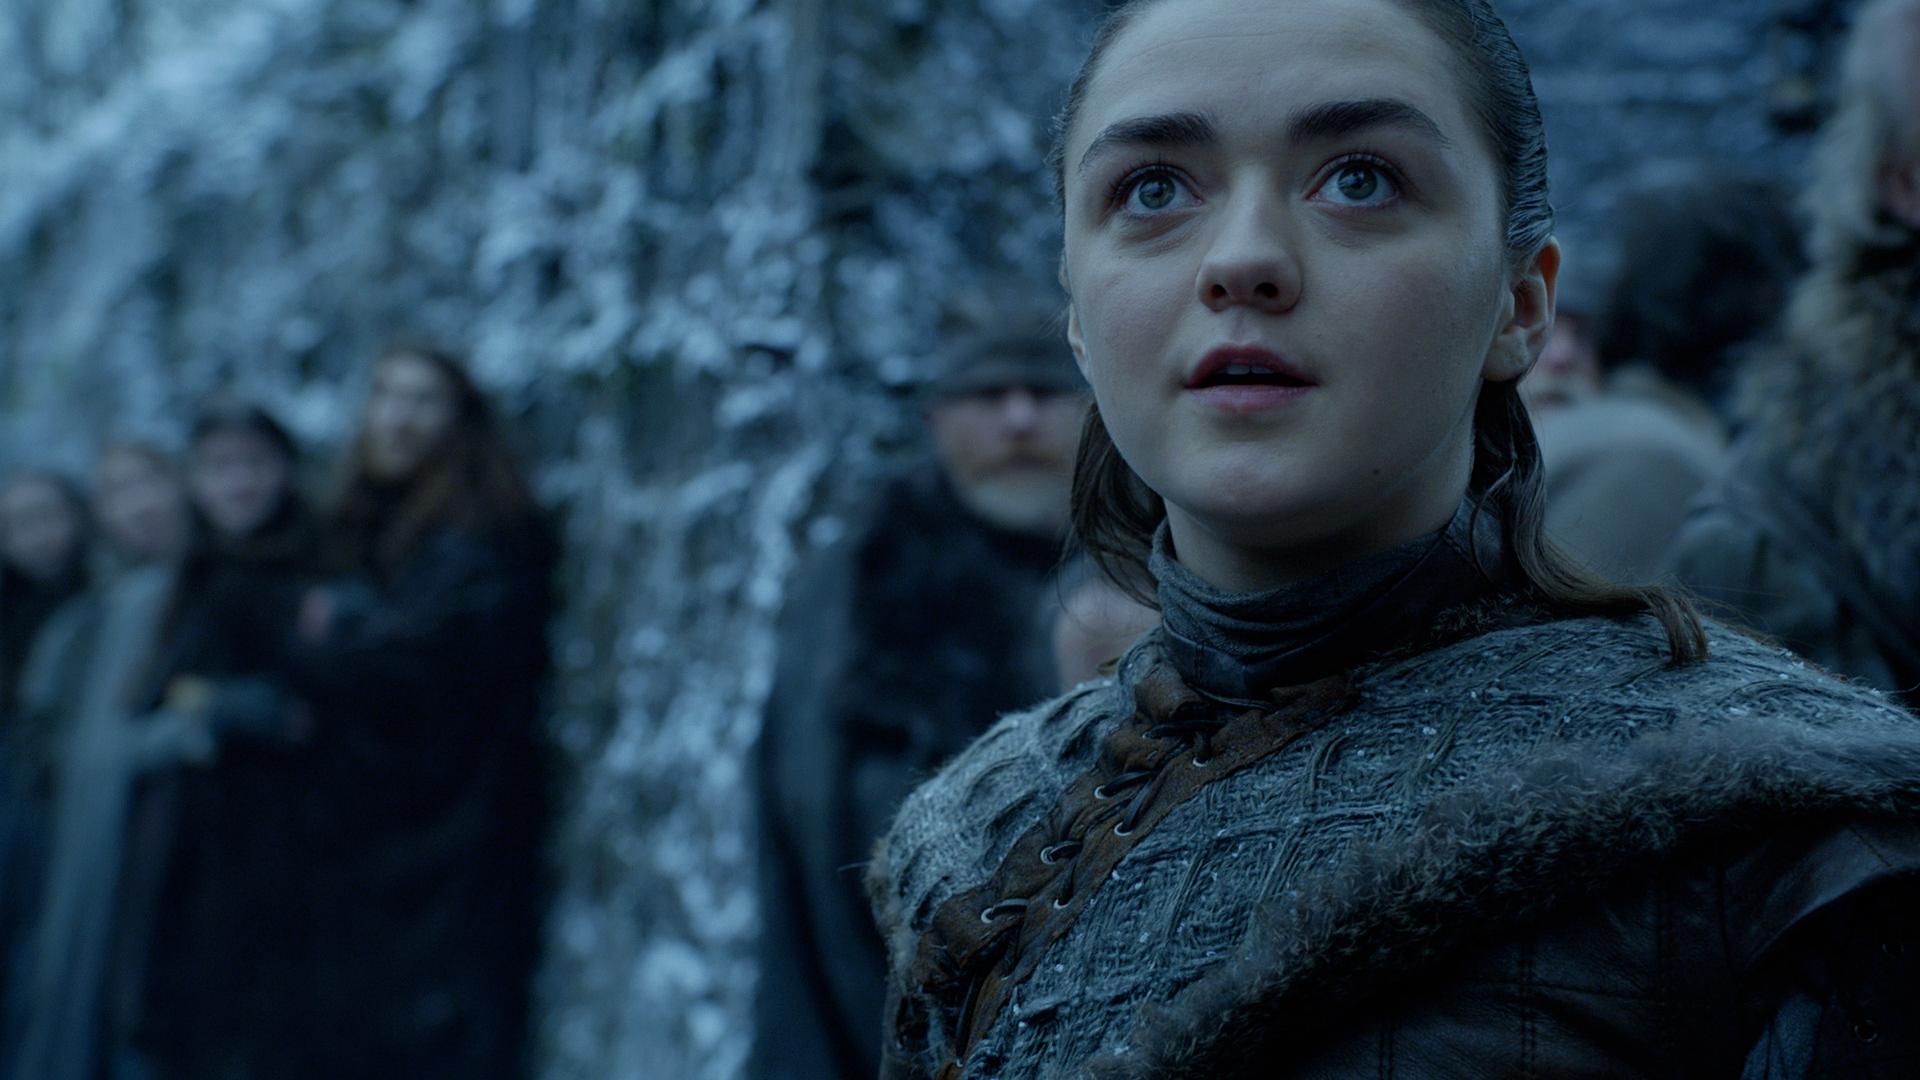 El primer capítulo de Game of Thrones se proyectará en el cine